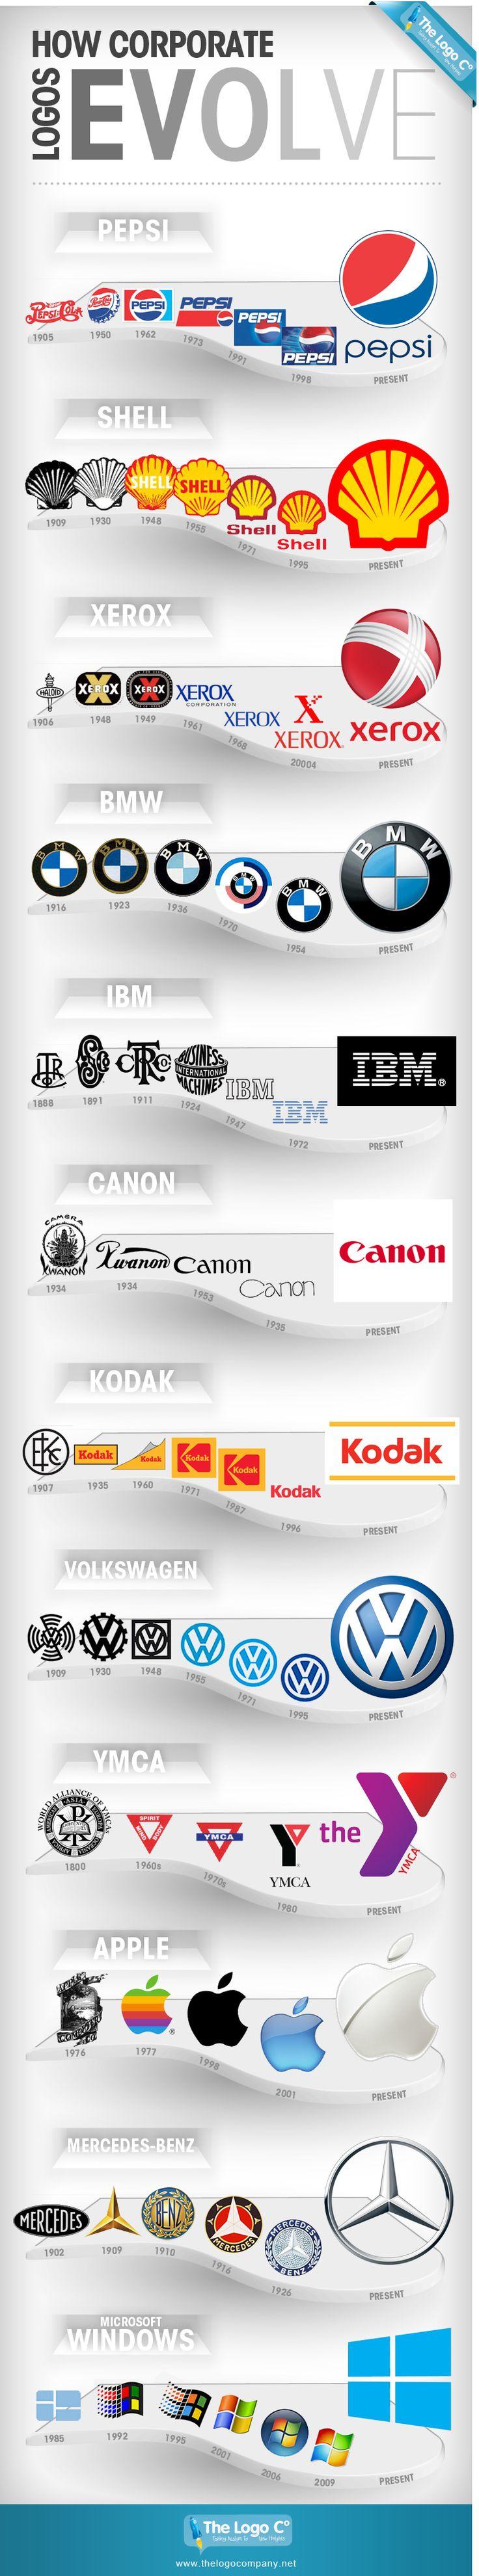 大手グローバル企業のロゴの変遷が一目で分かるインフォグラフィック